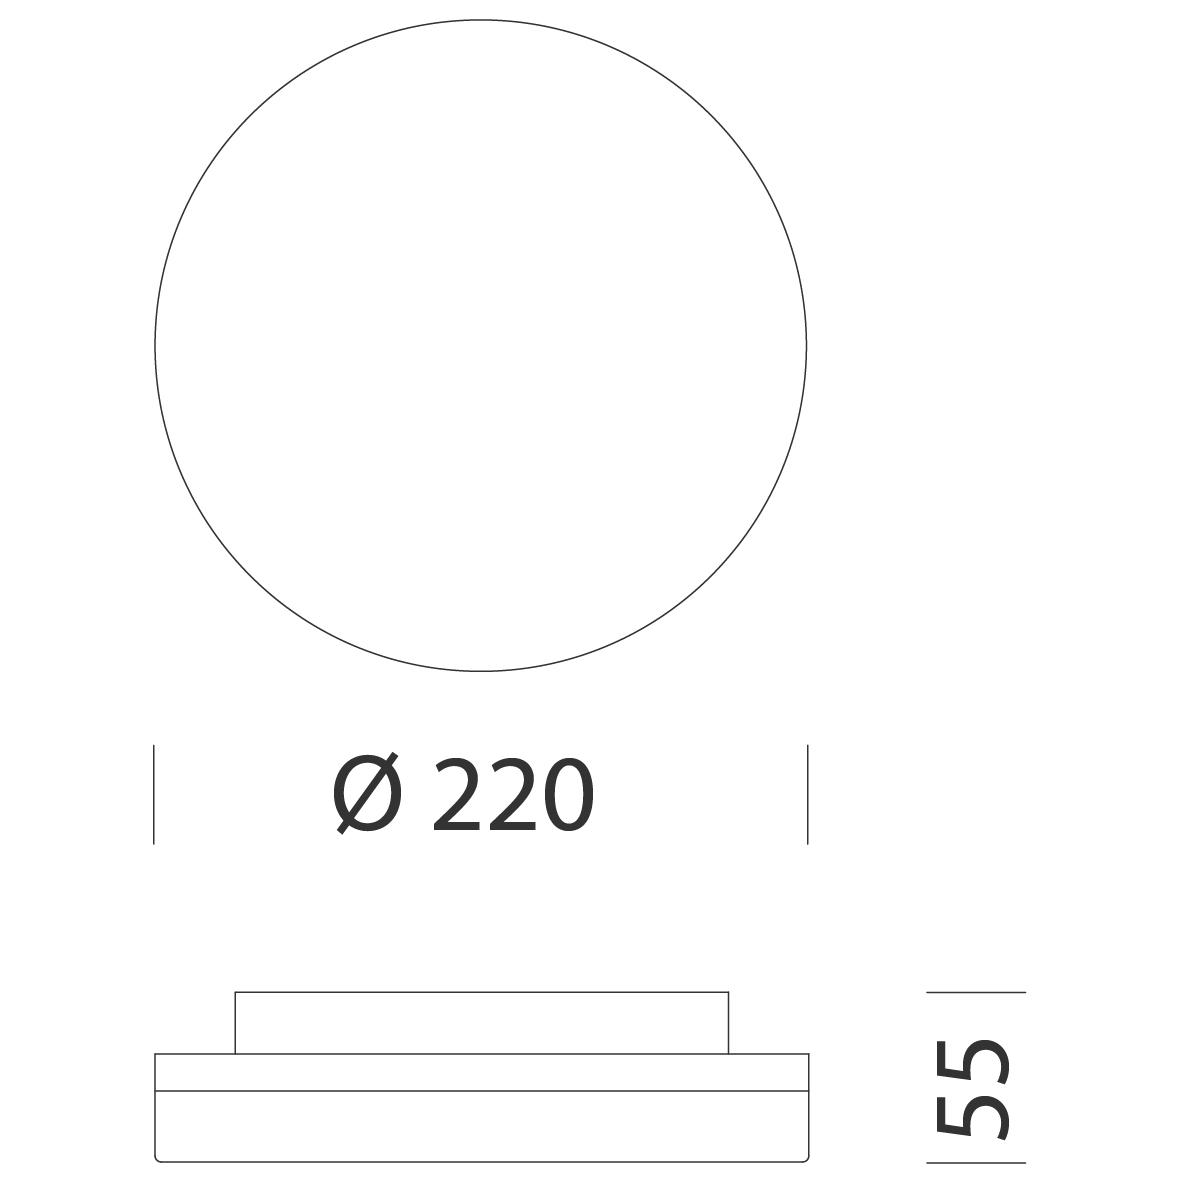 746 - Oblò 2.0 dims.jpg